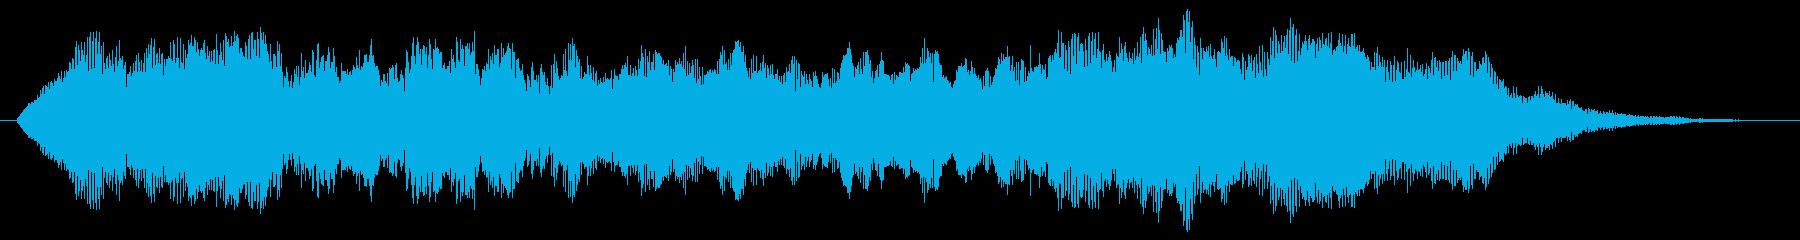 ジングル(シンセストリングス+せせらぎ)の再生済みの波形